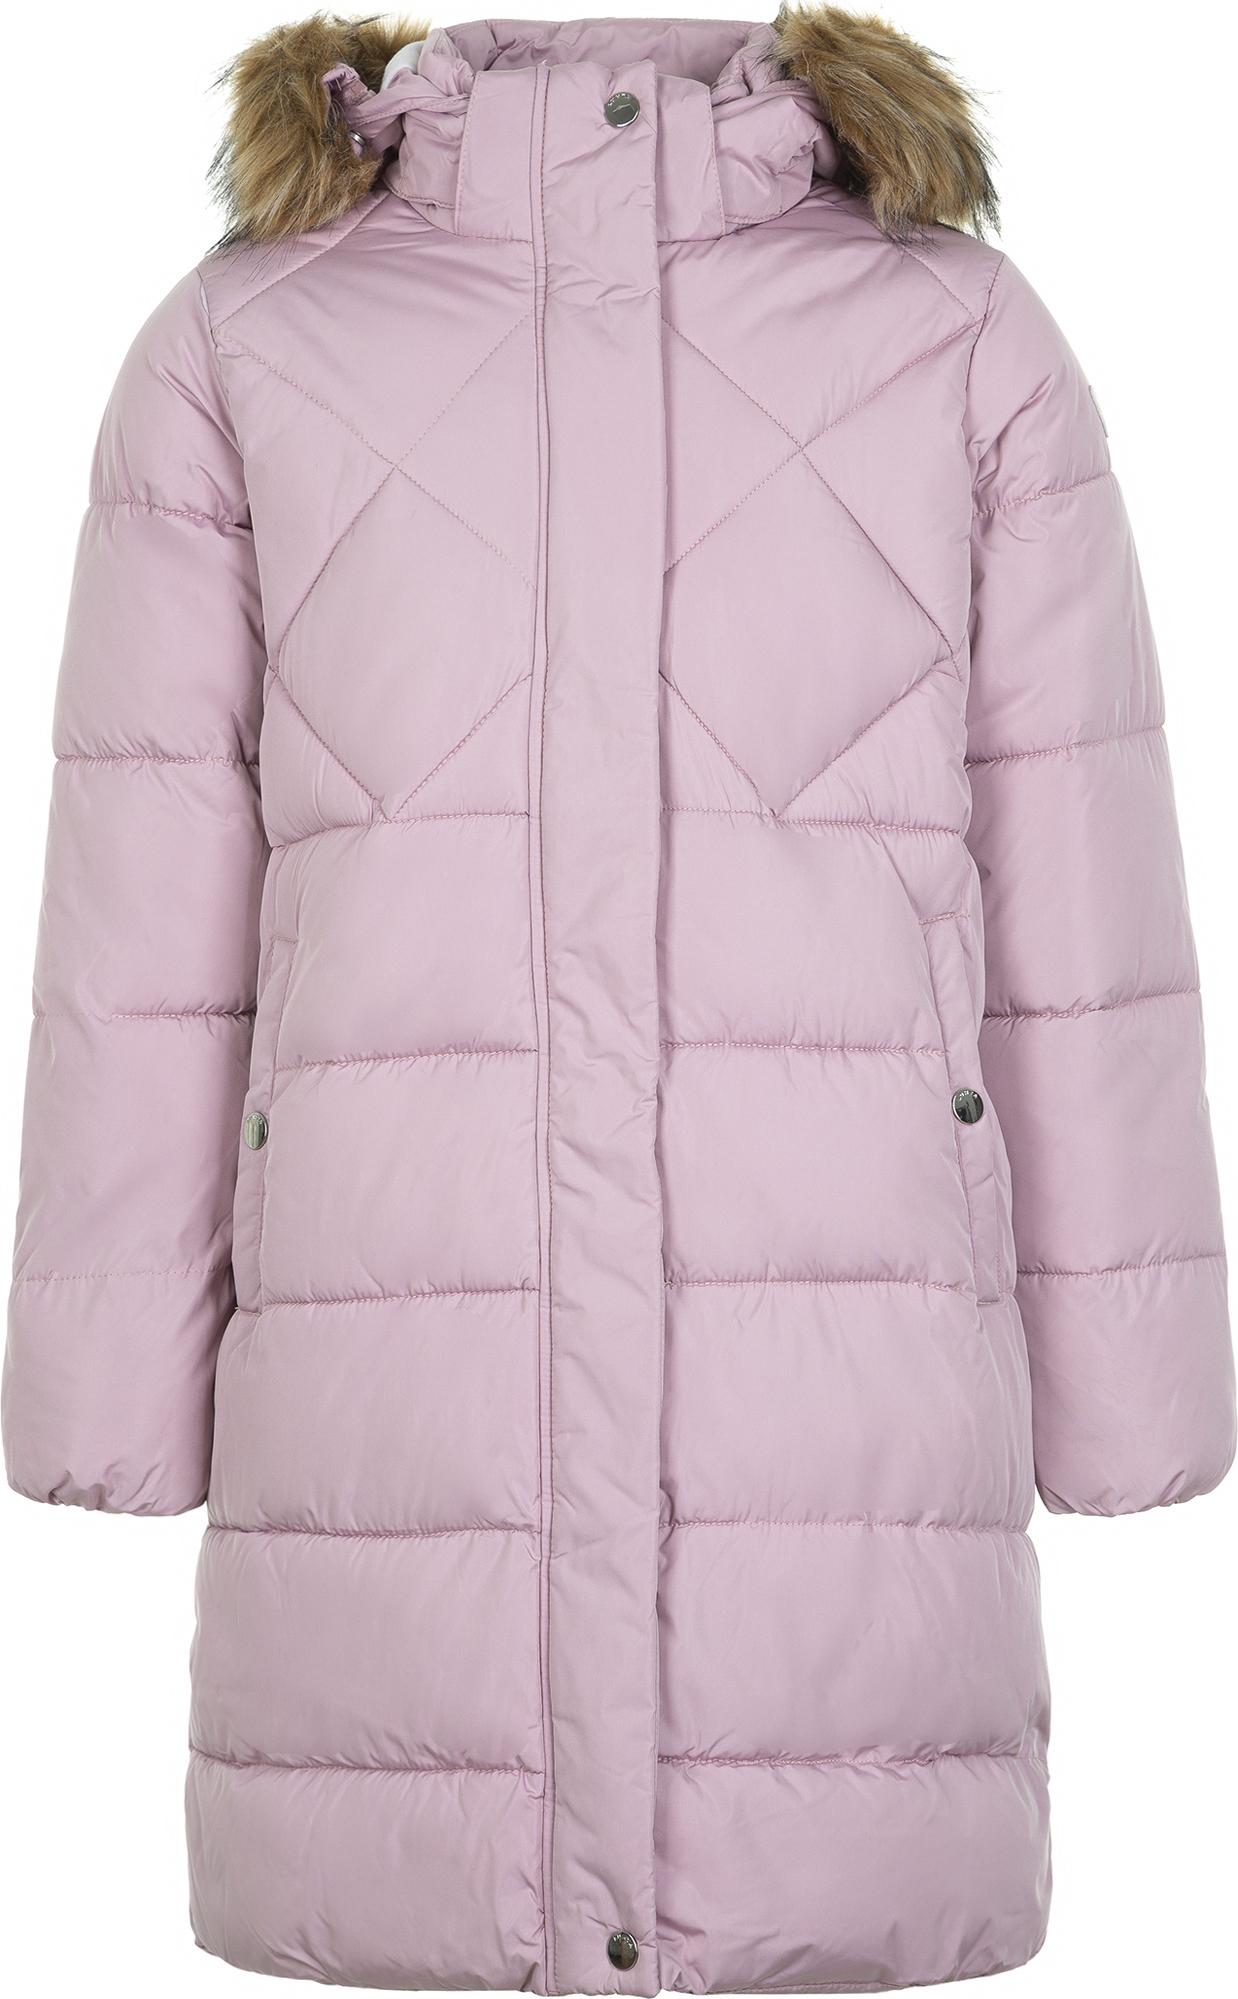 Luhta Пальто утепленное для девочек Lempos, размер 164